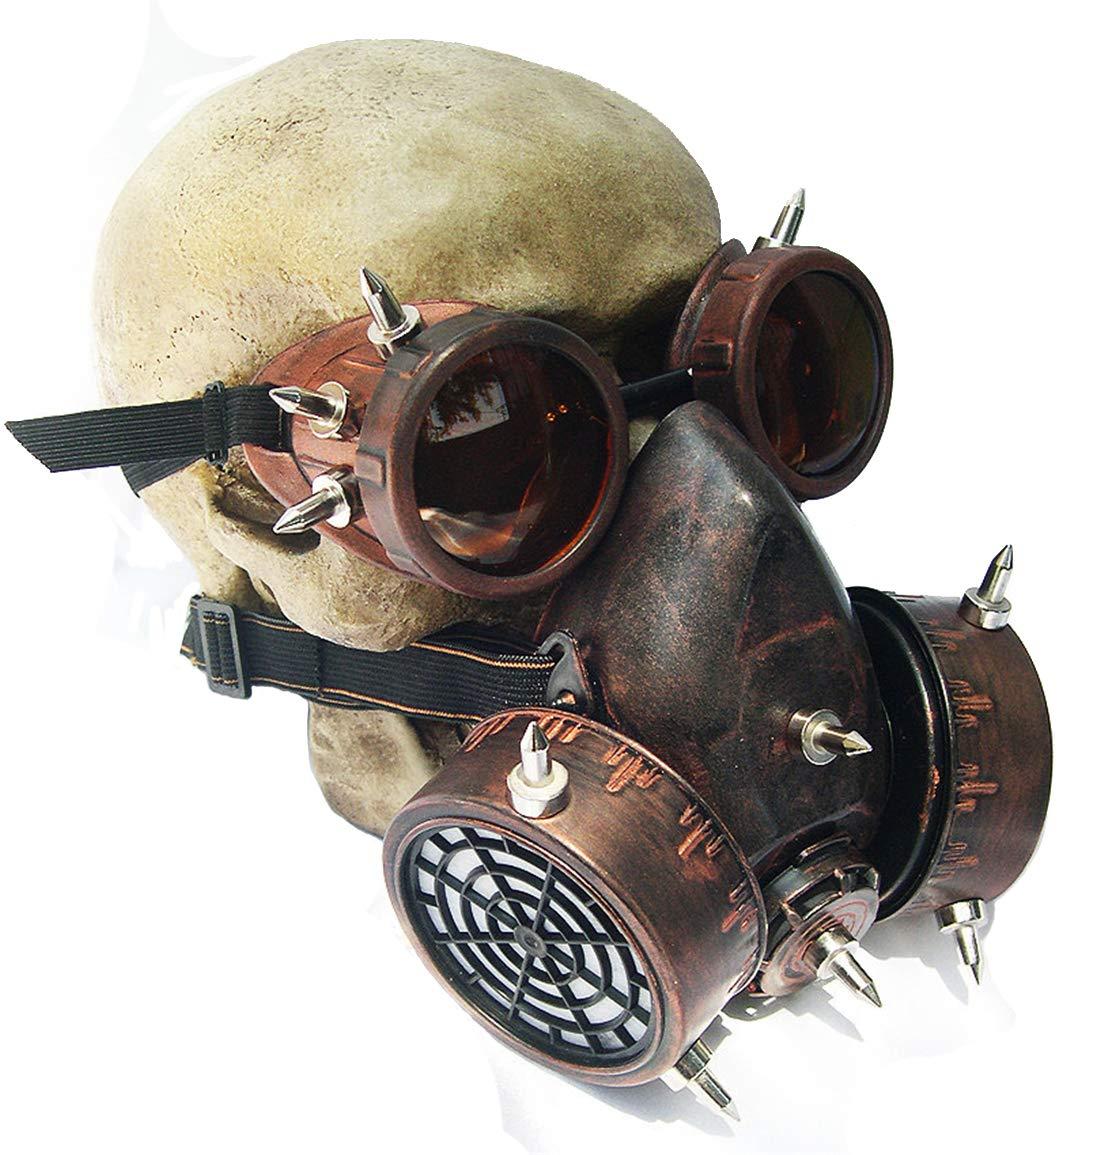 レトロな防風メガネのガスマスクハロウィーンのsteampunkコスプレ小道具   B07JVBH4K1